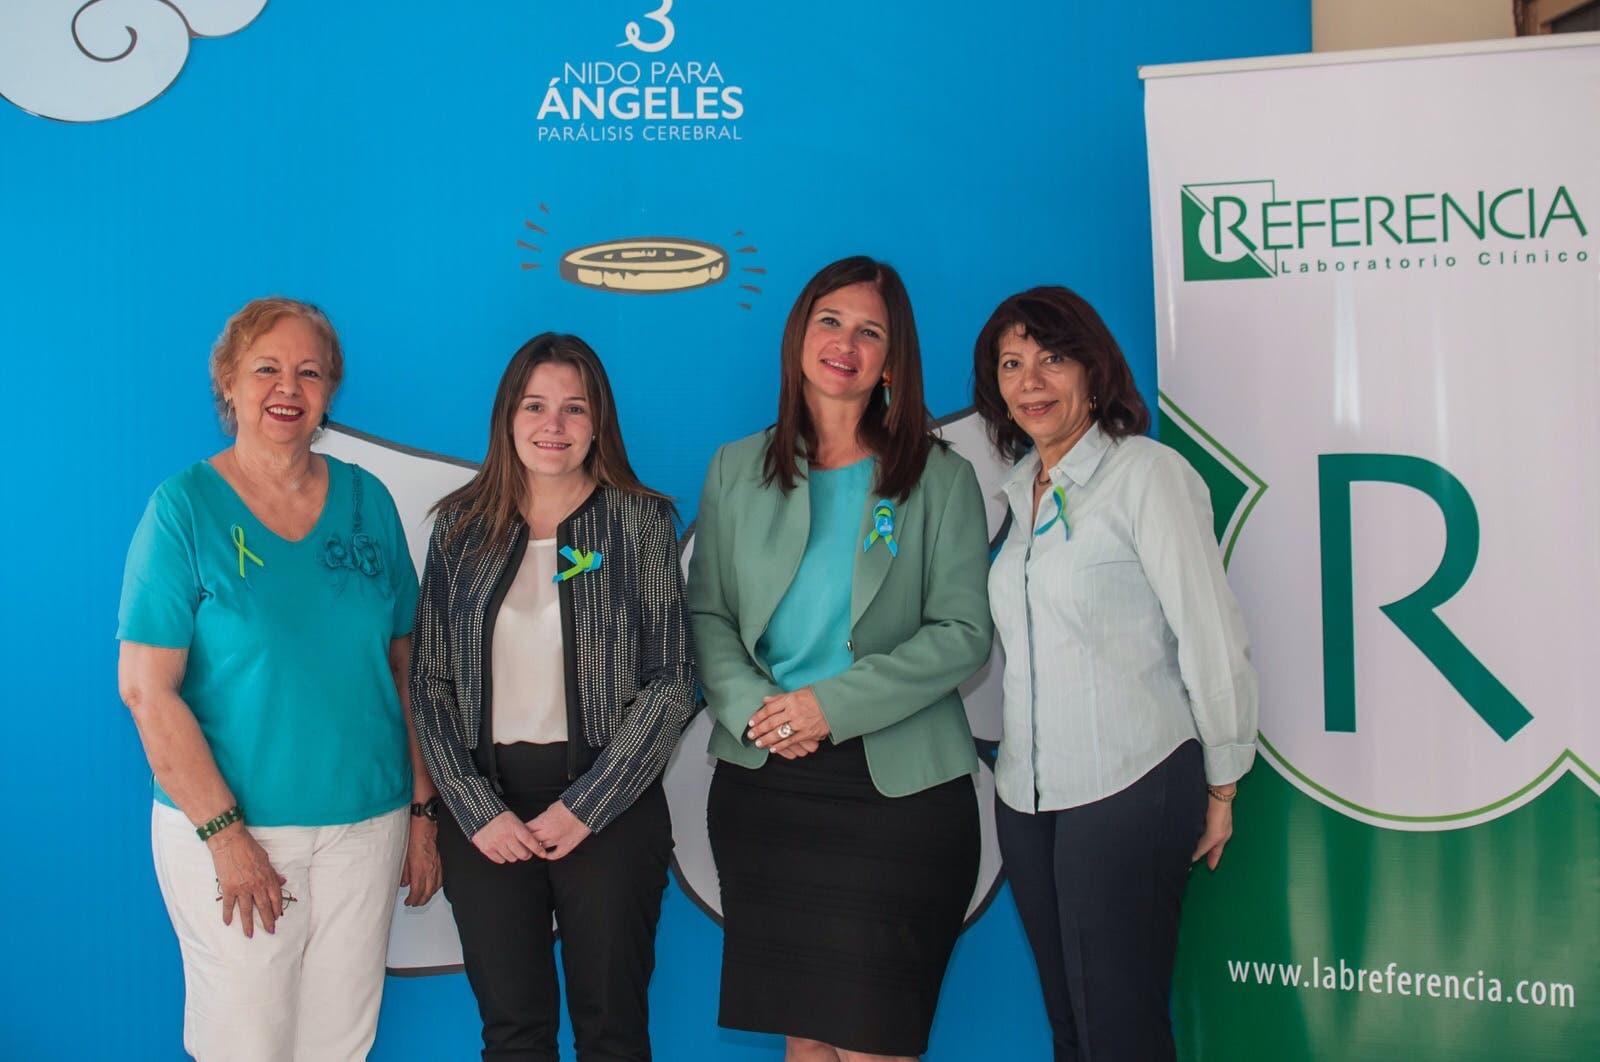 Foto 3 - Carmen López, Priscilla Kelly, Mónika Despradel y Olga Garcí